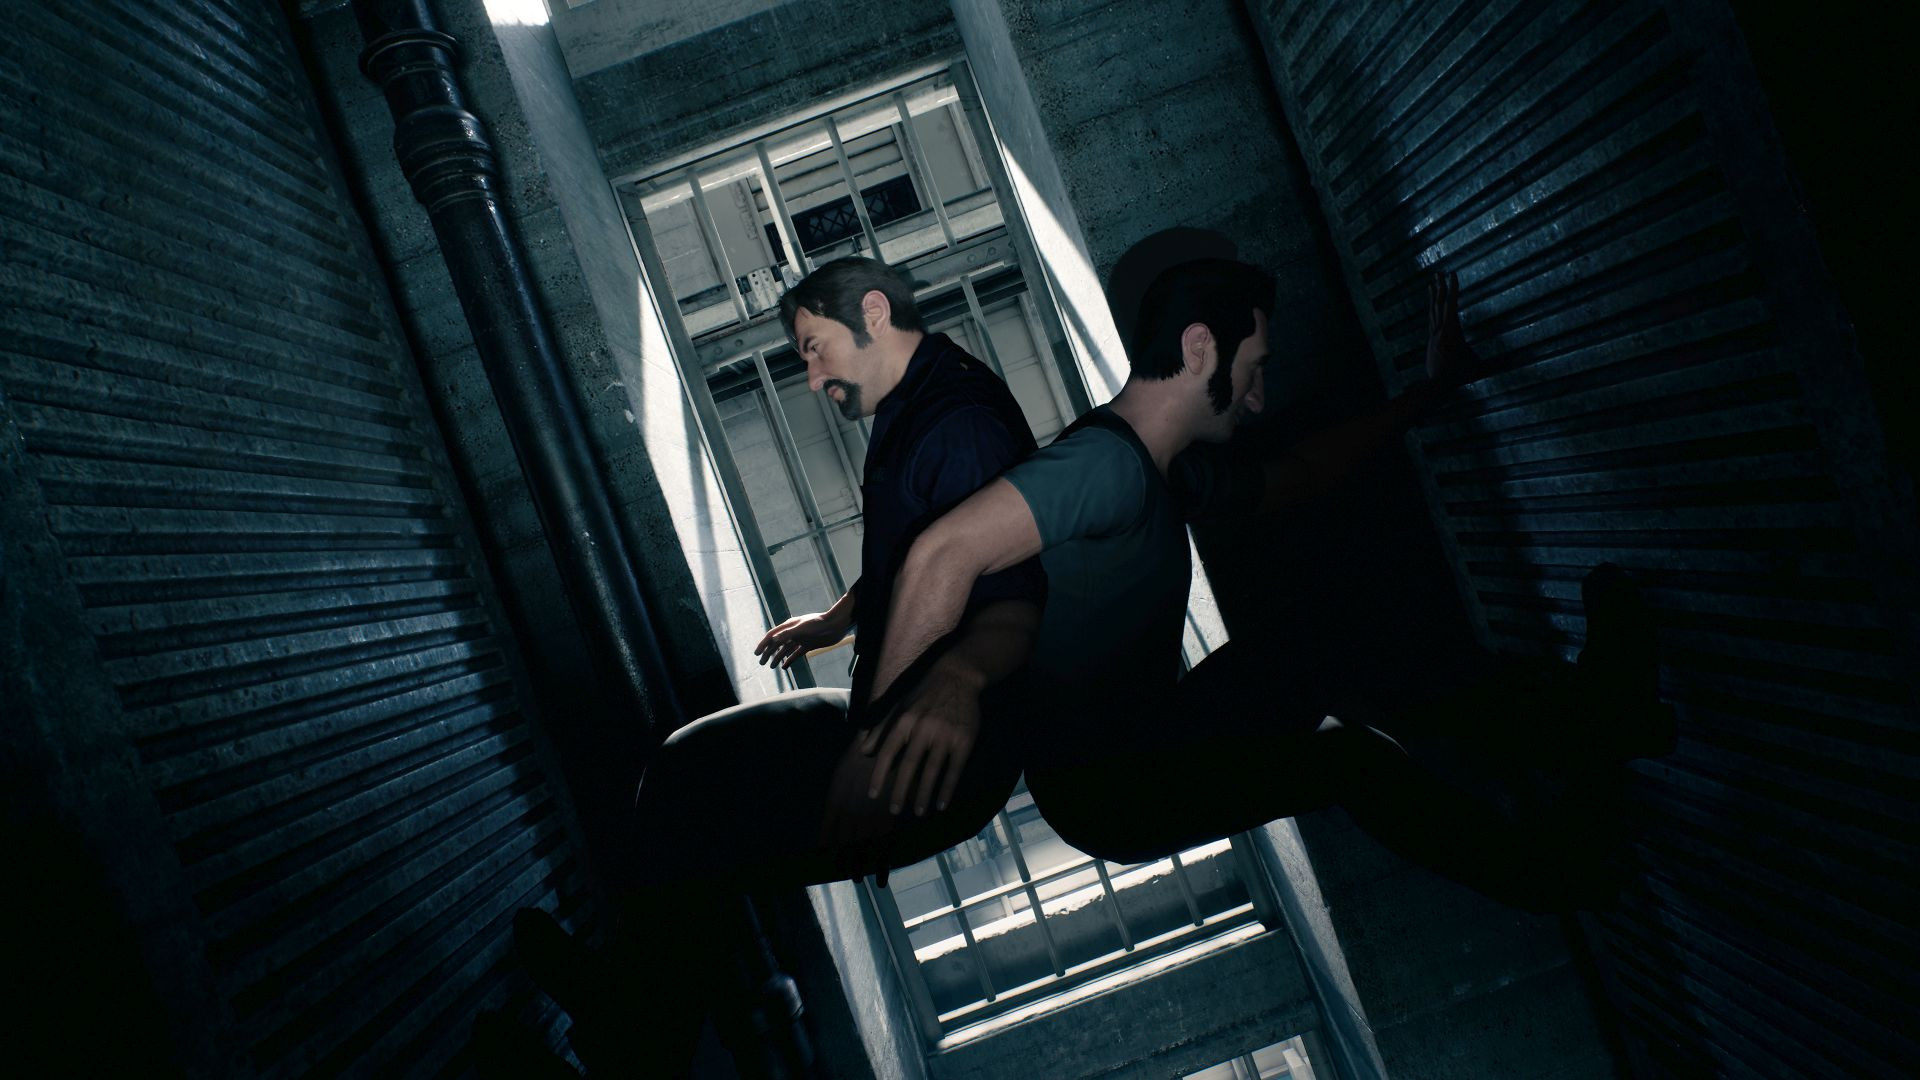 A Way Out – побег из тюрьмы вместе с напарником